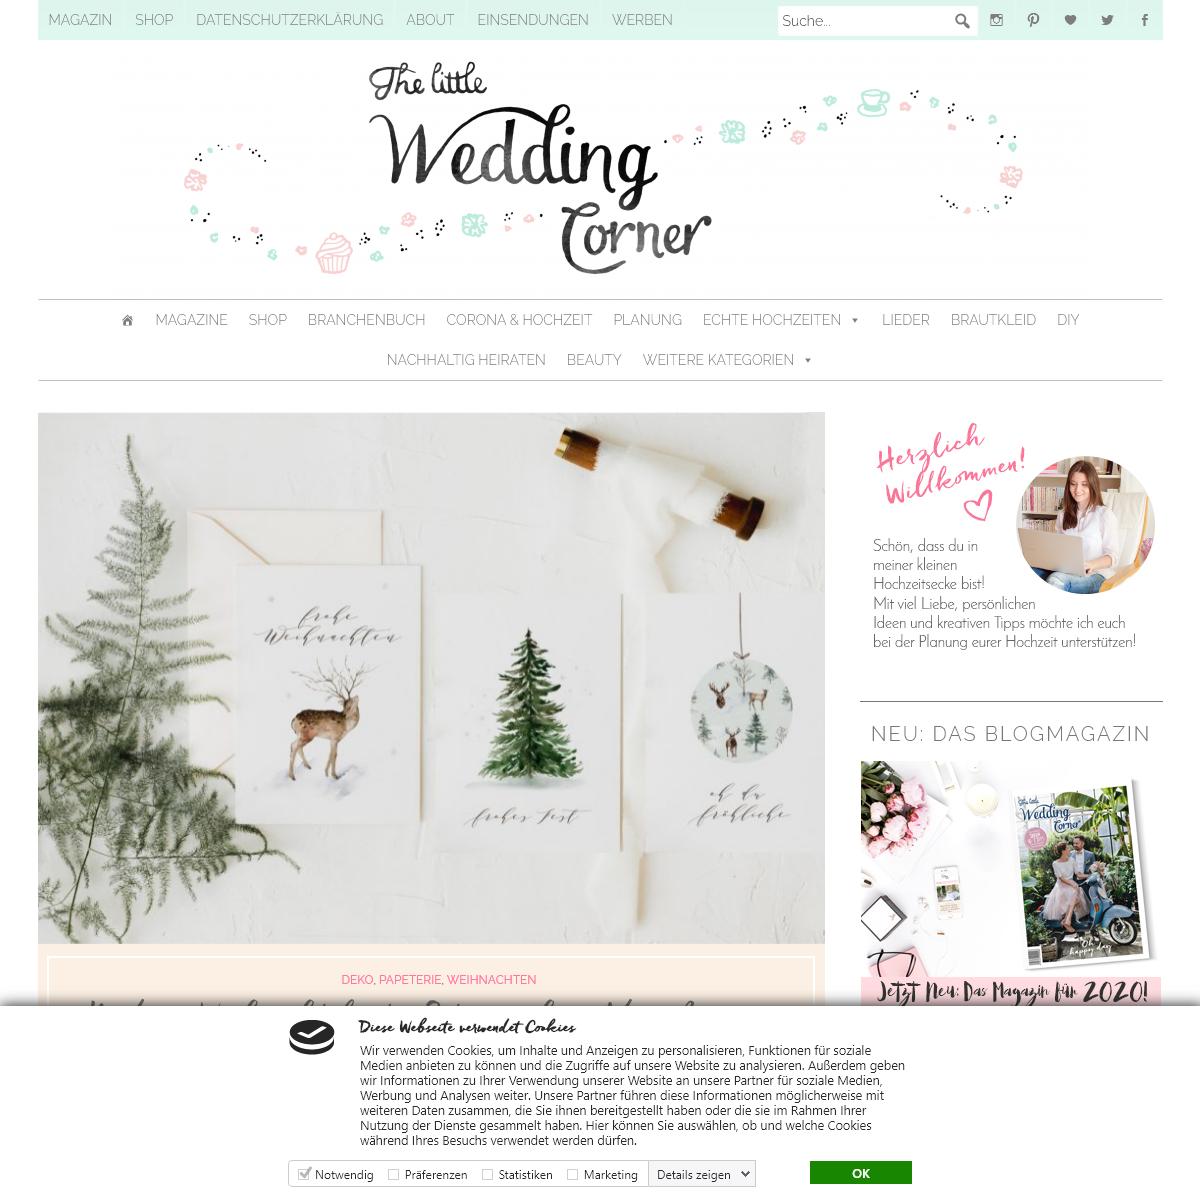 Hochzeitsblog The Little Wedding Corner - Kreativer Hochzeitsblog